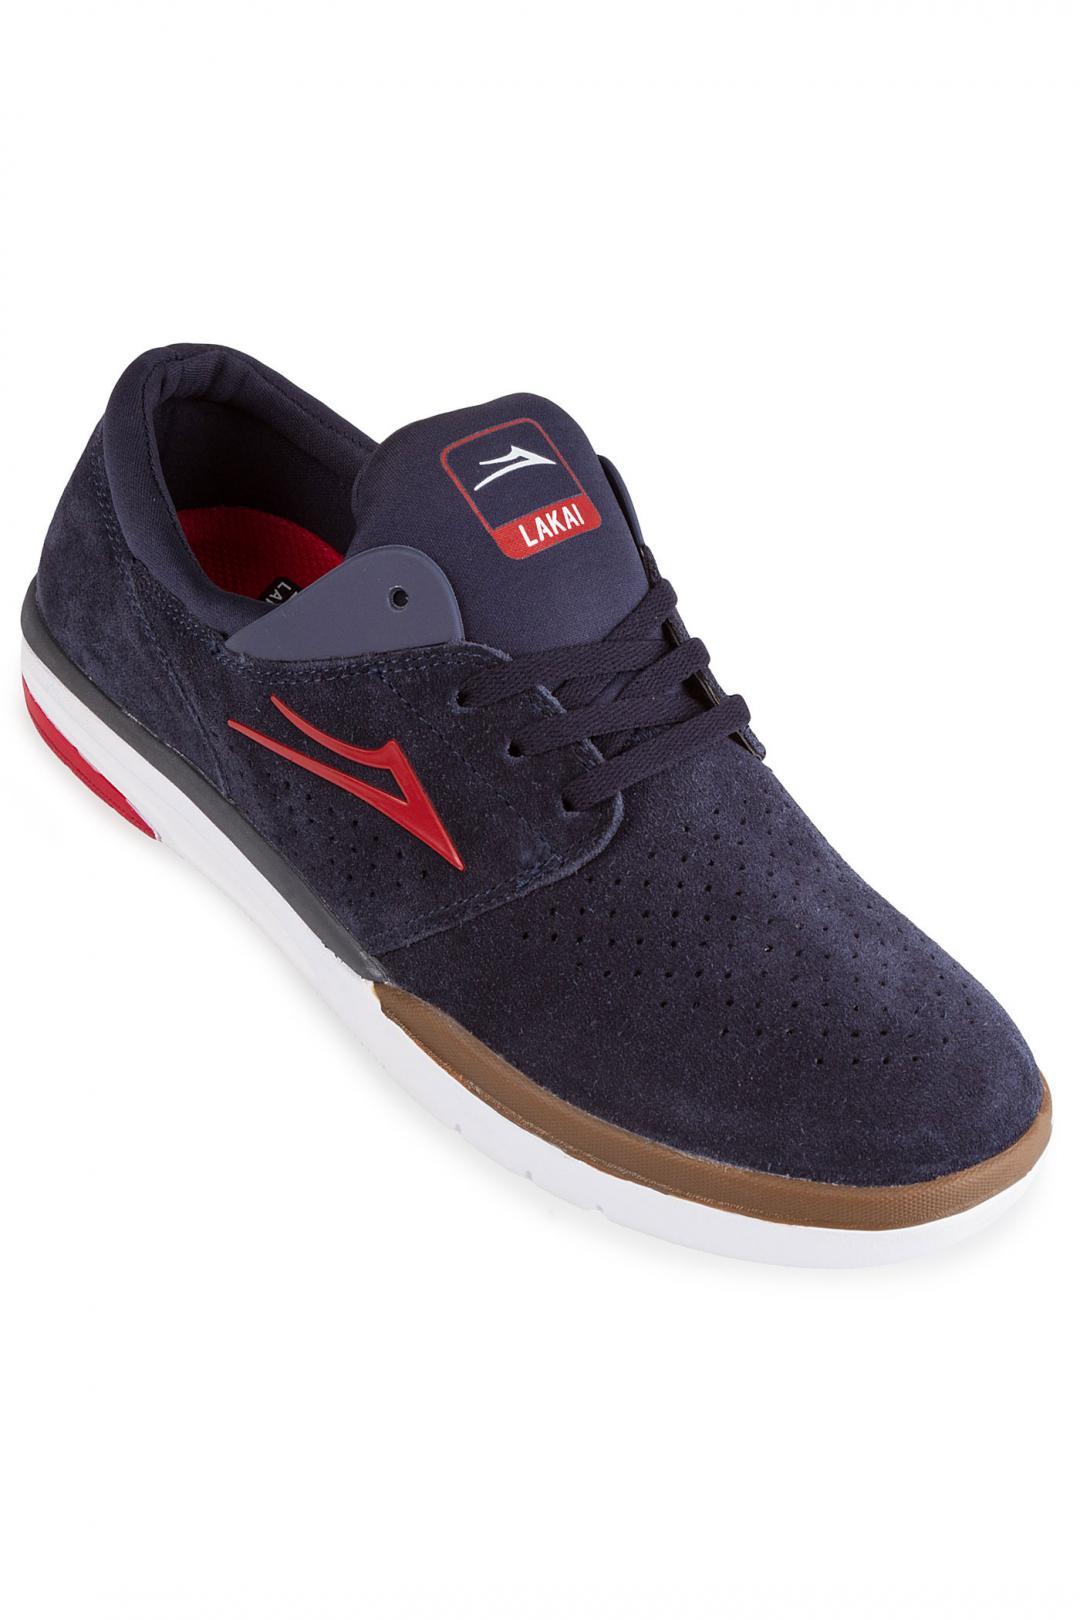 Uomo Lakai Fremont Suede navy red | Sneaker